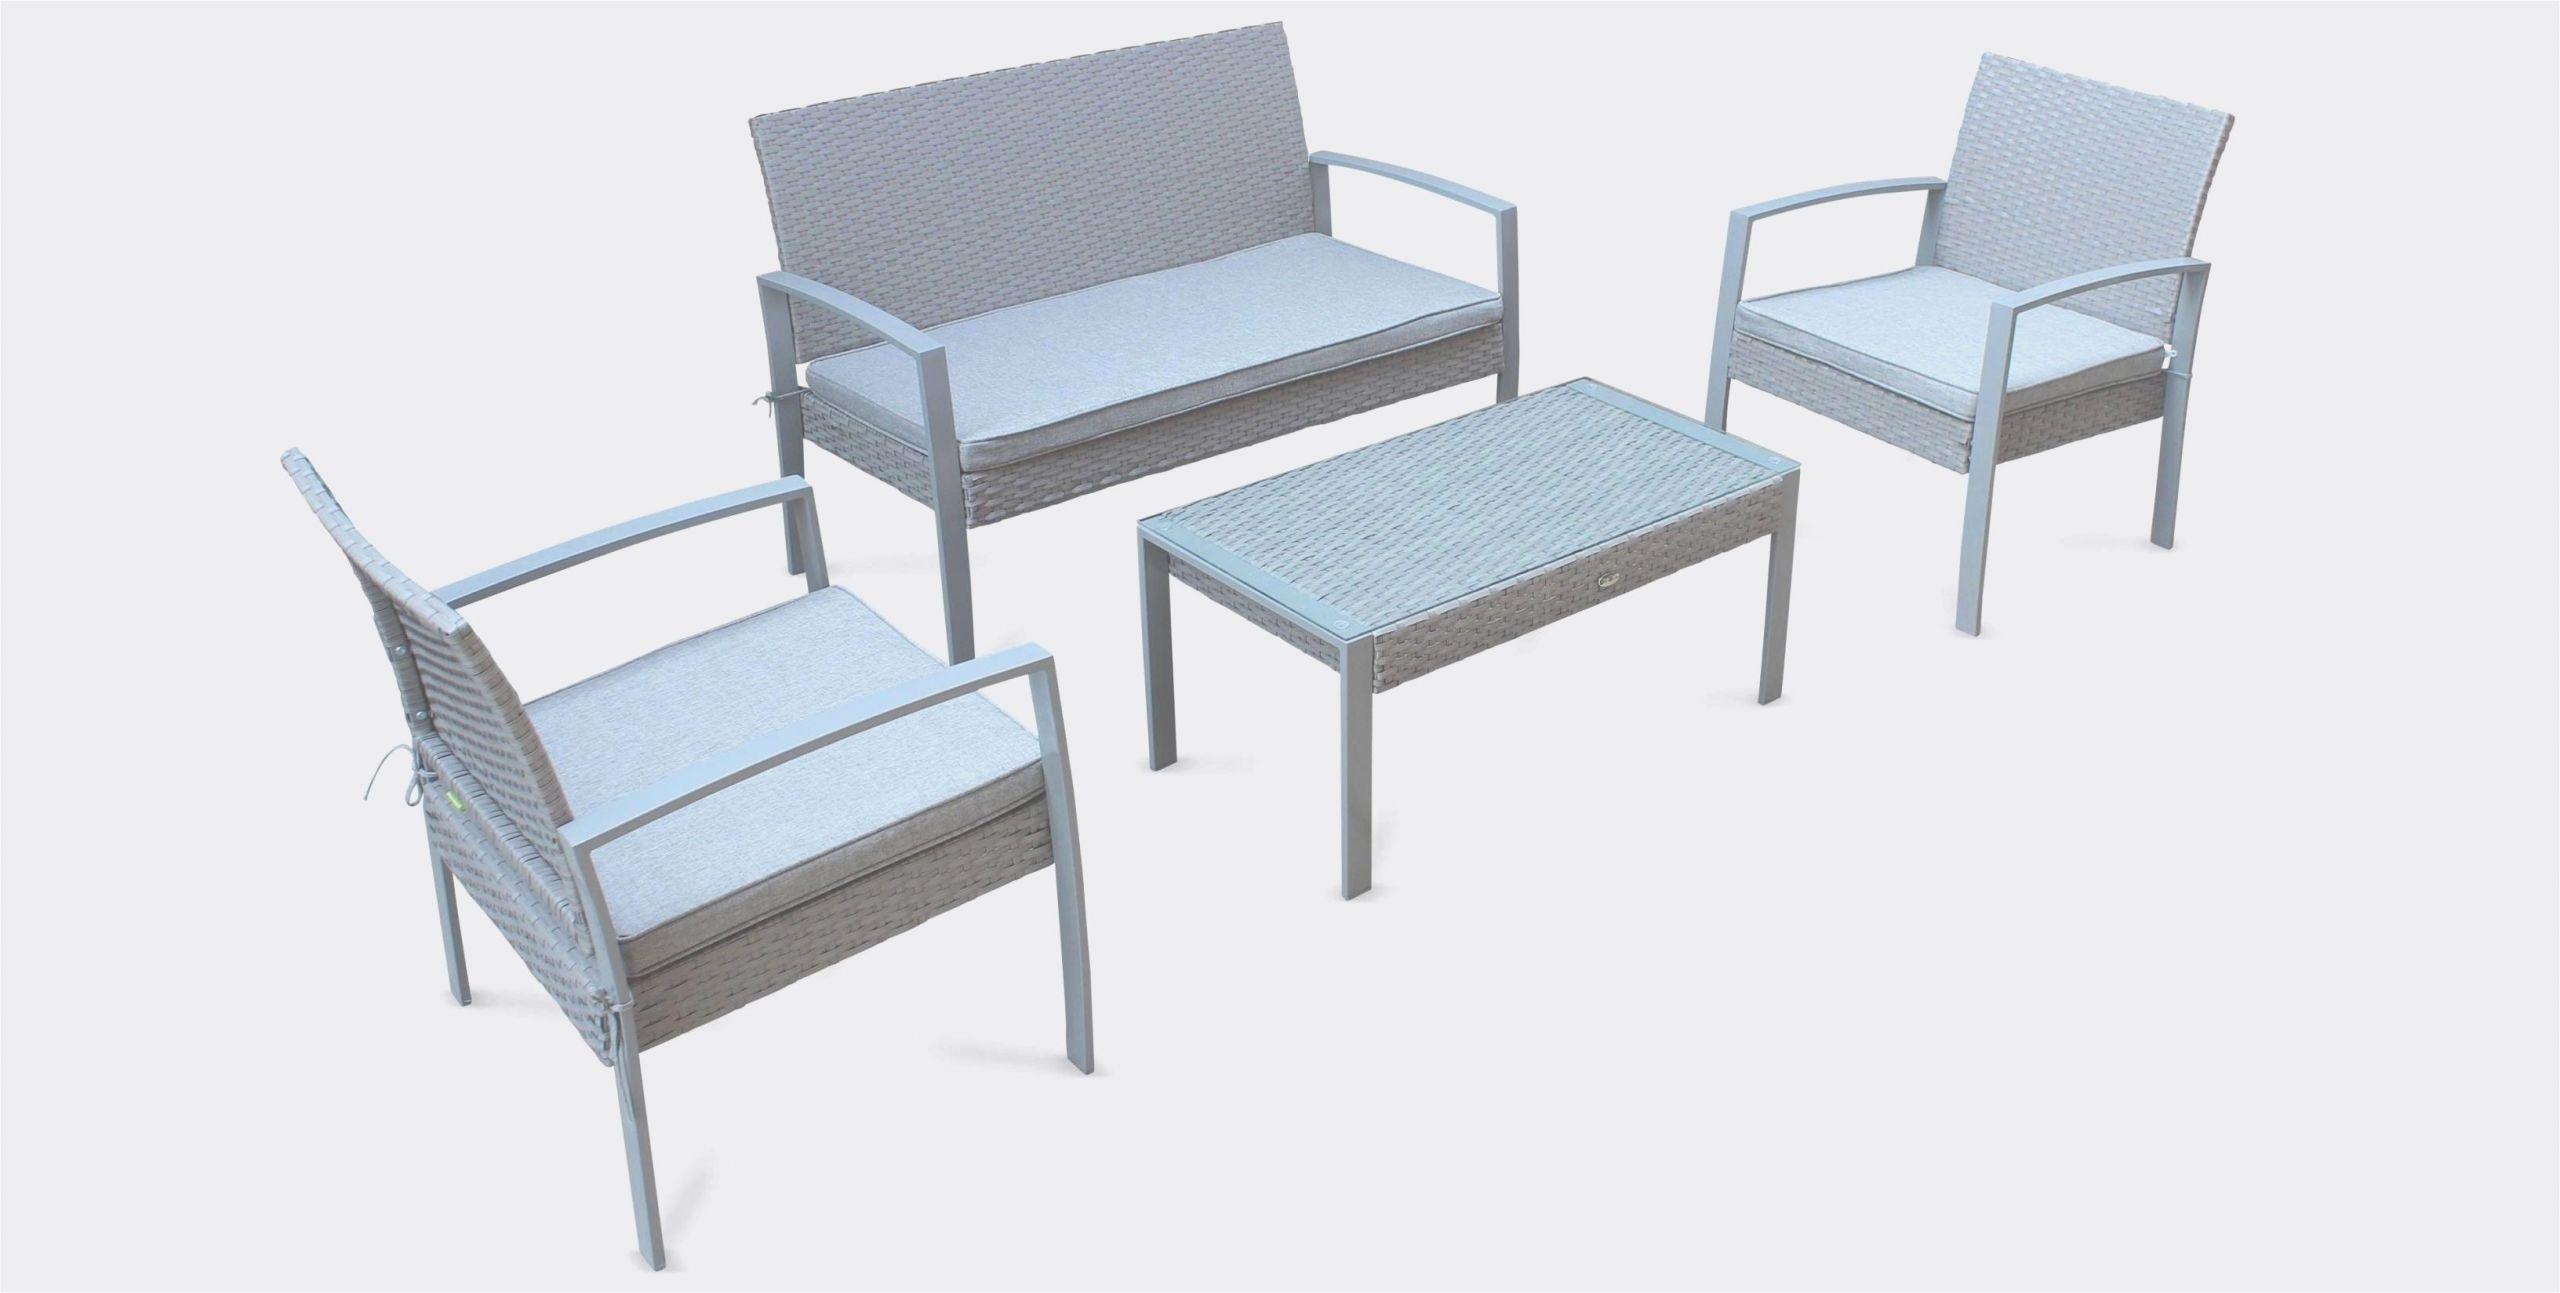 fabriquer un salon de jardin en bois frais 34 prestigieuse fabriquer un banc de jardin metsom of fabriquer un salon de jardin en bois